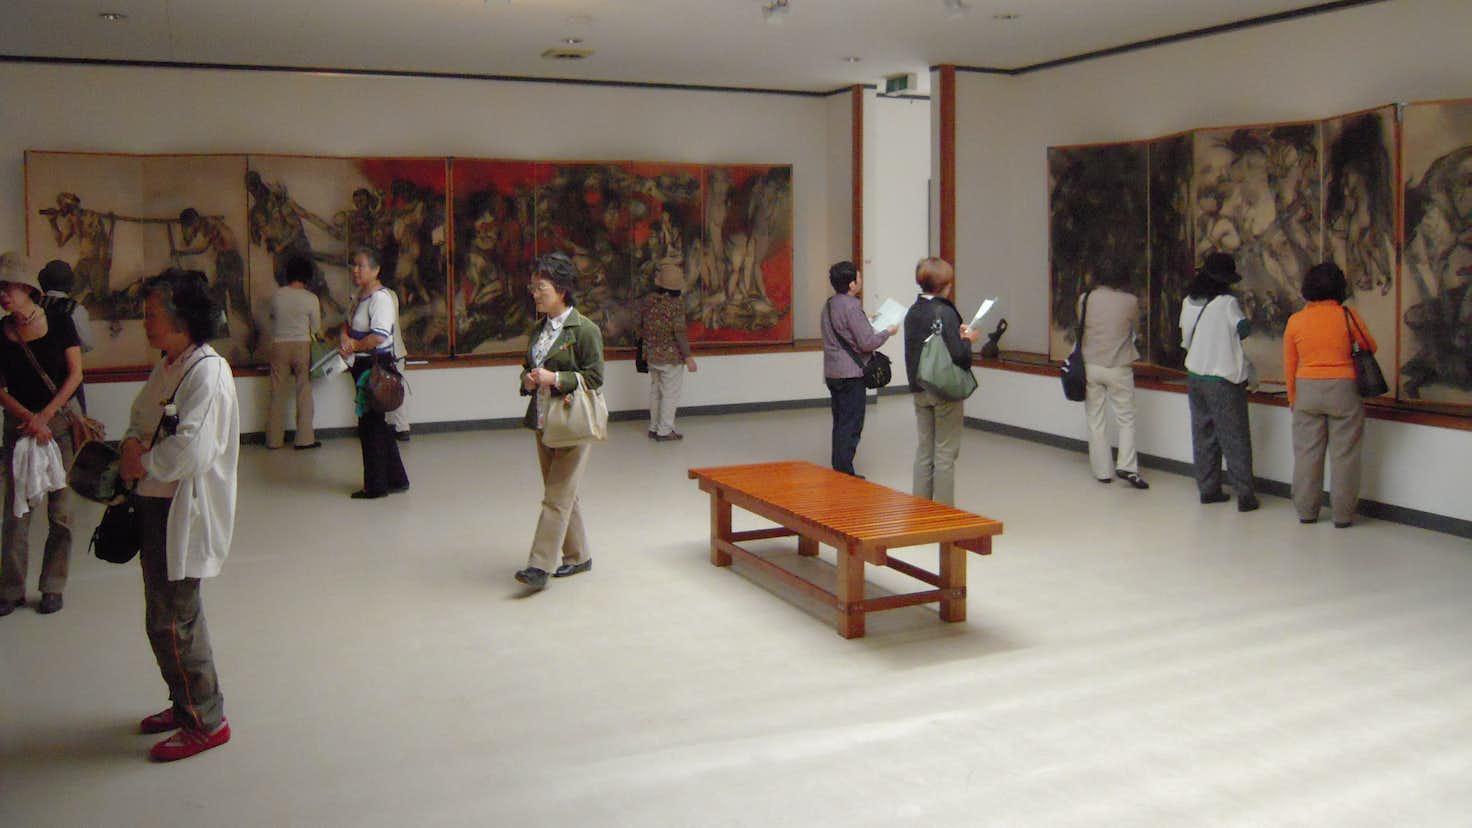 の 図 美術館 原爆 丸木